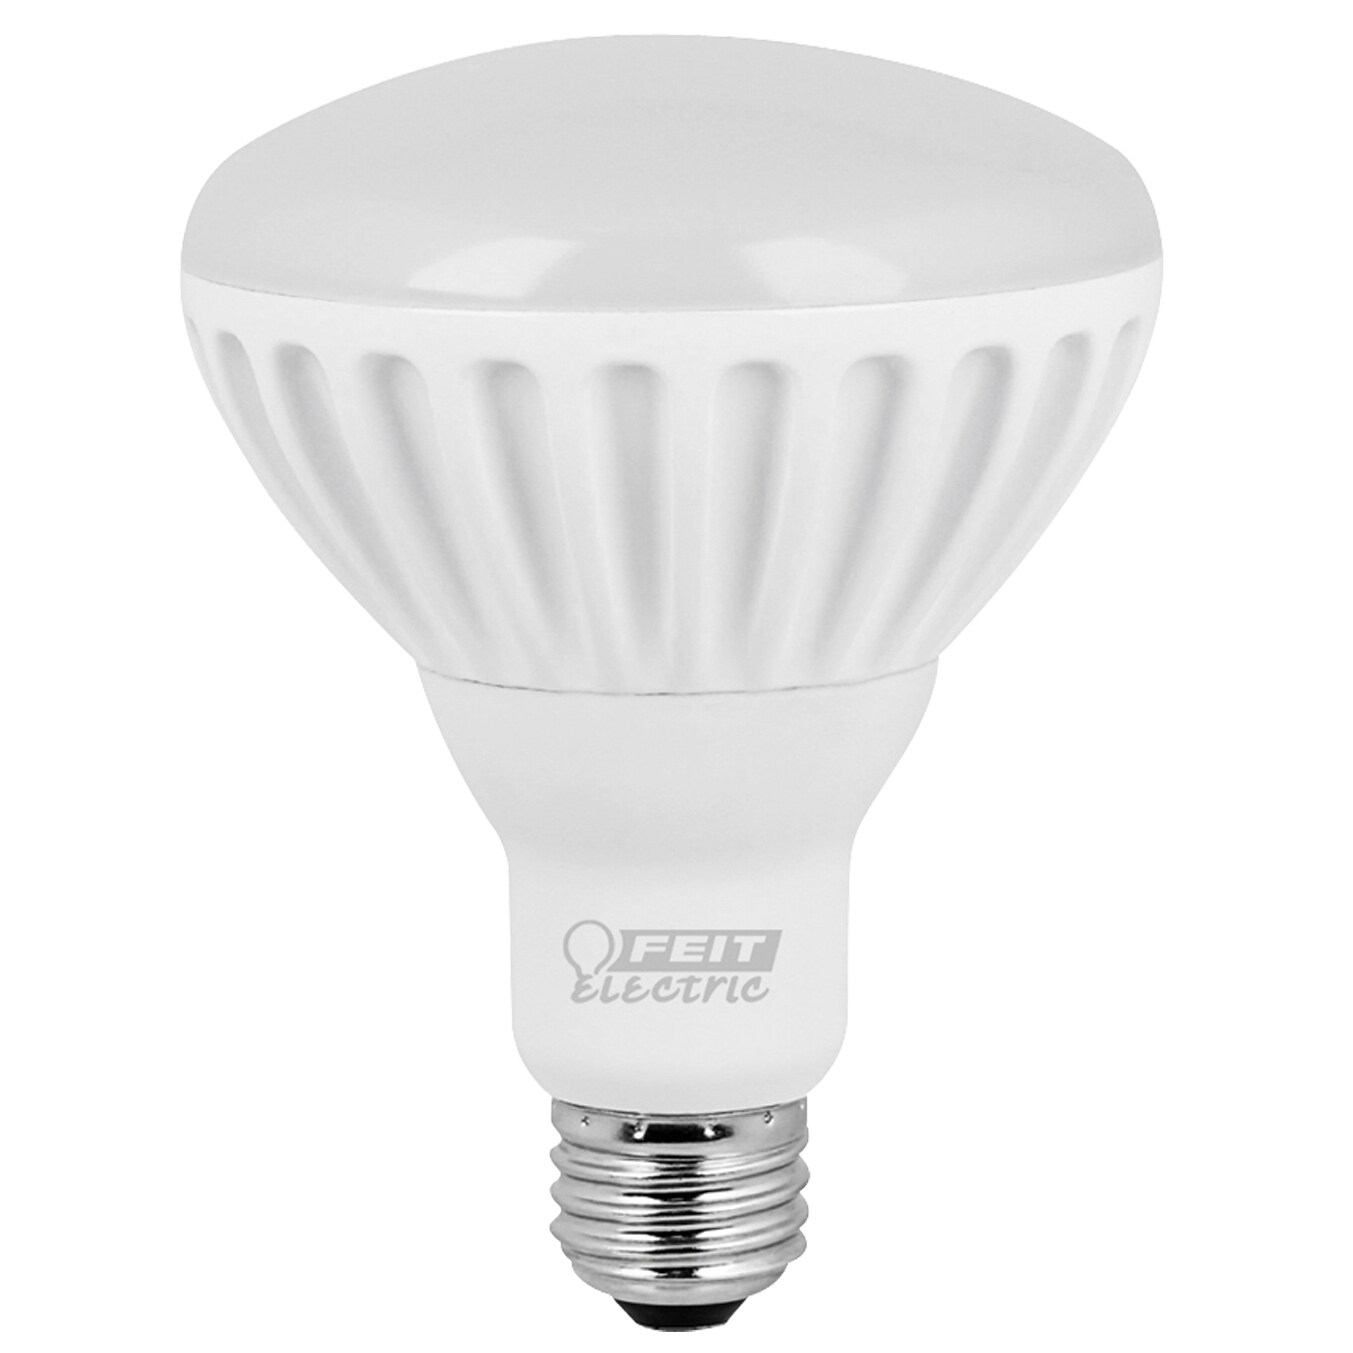 FEIT Electric BR30/DM/LED 13 Watt BR30 Dimmable LED Light...